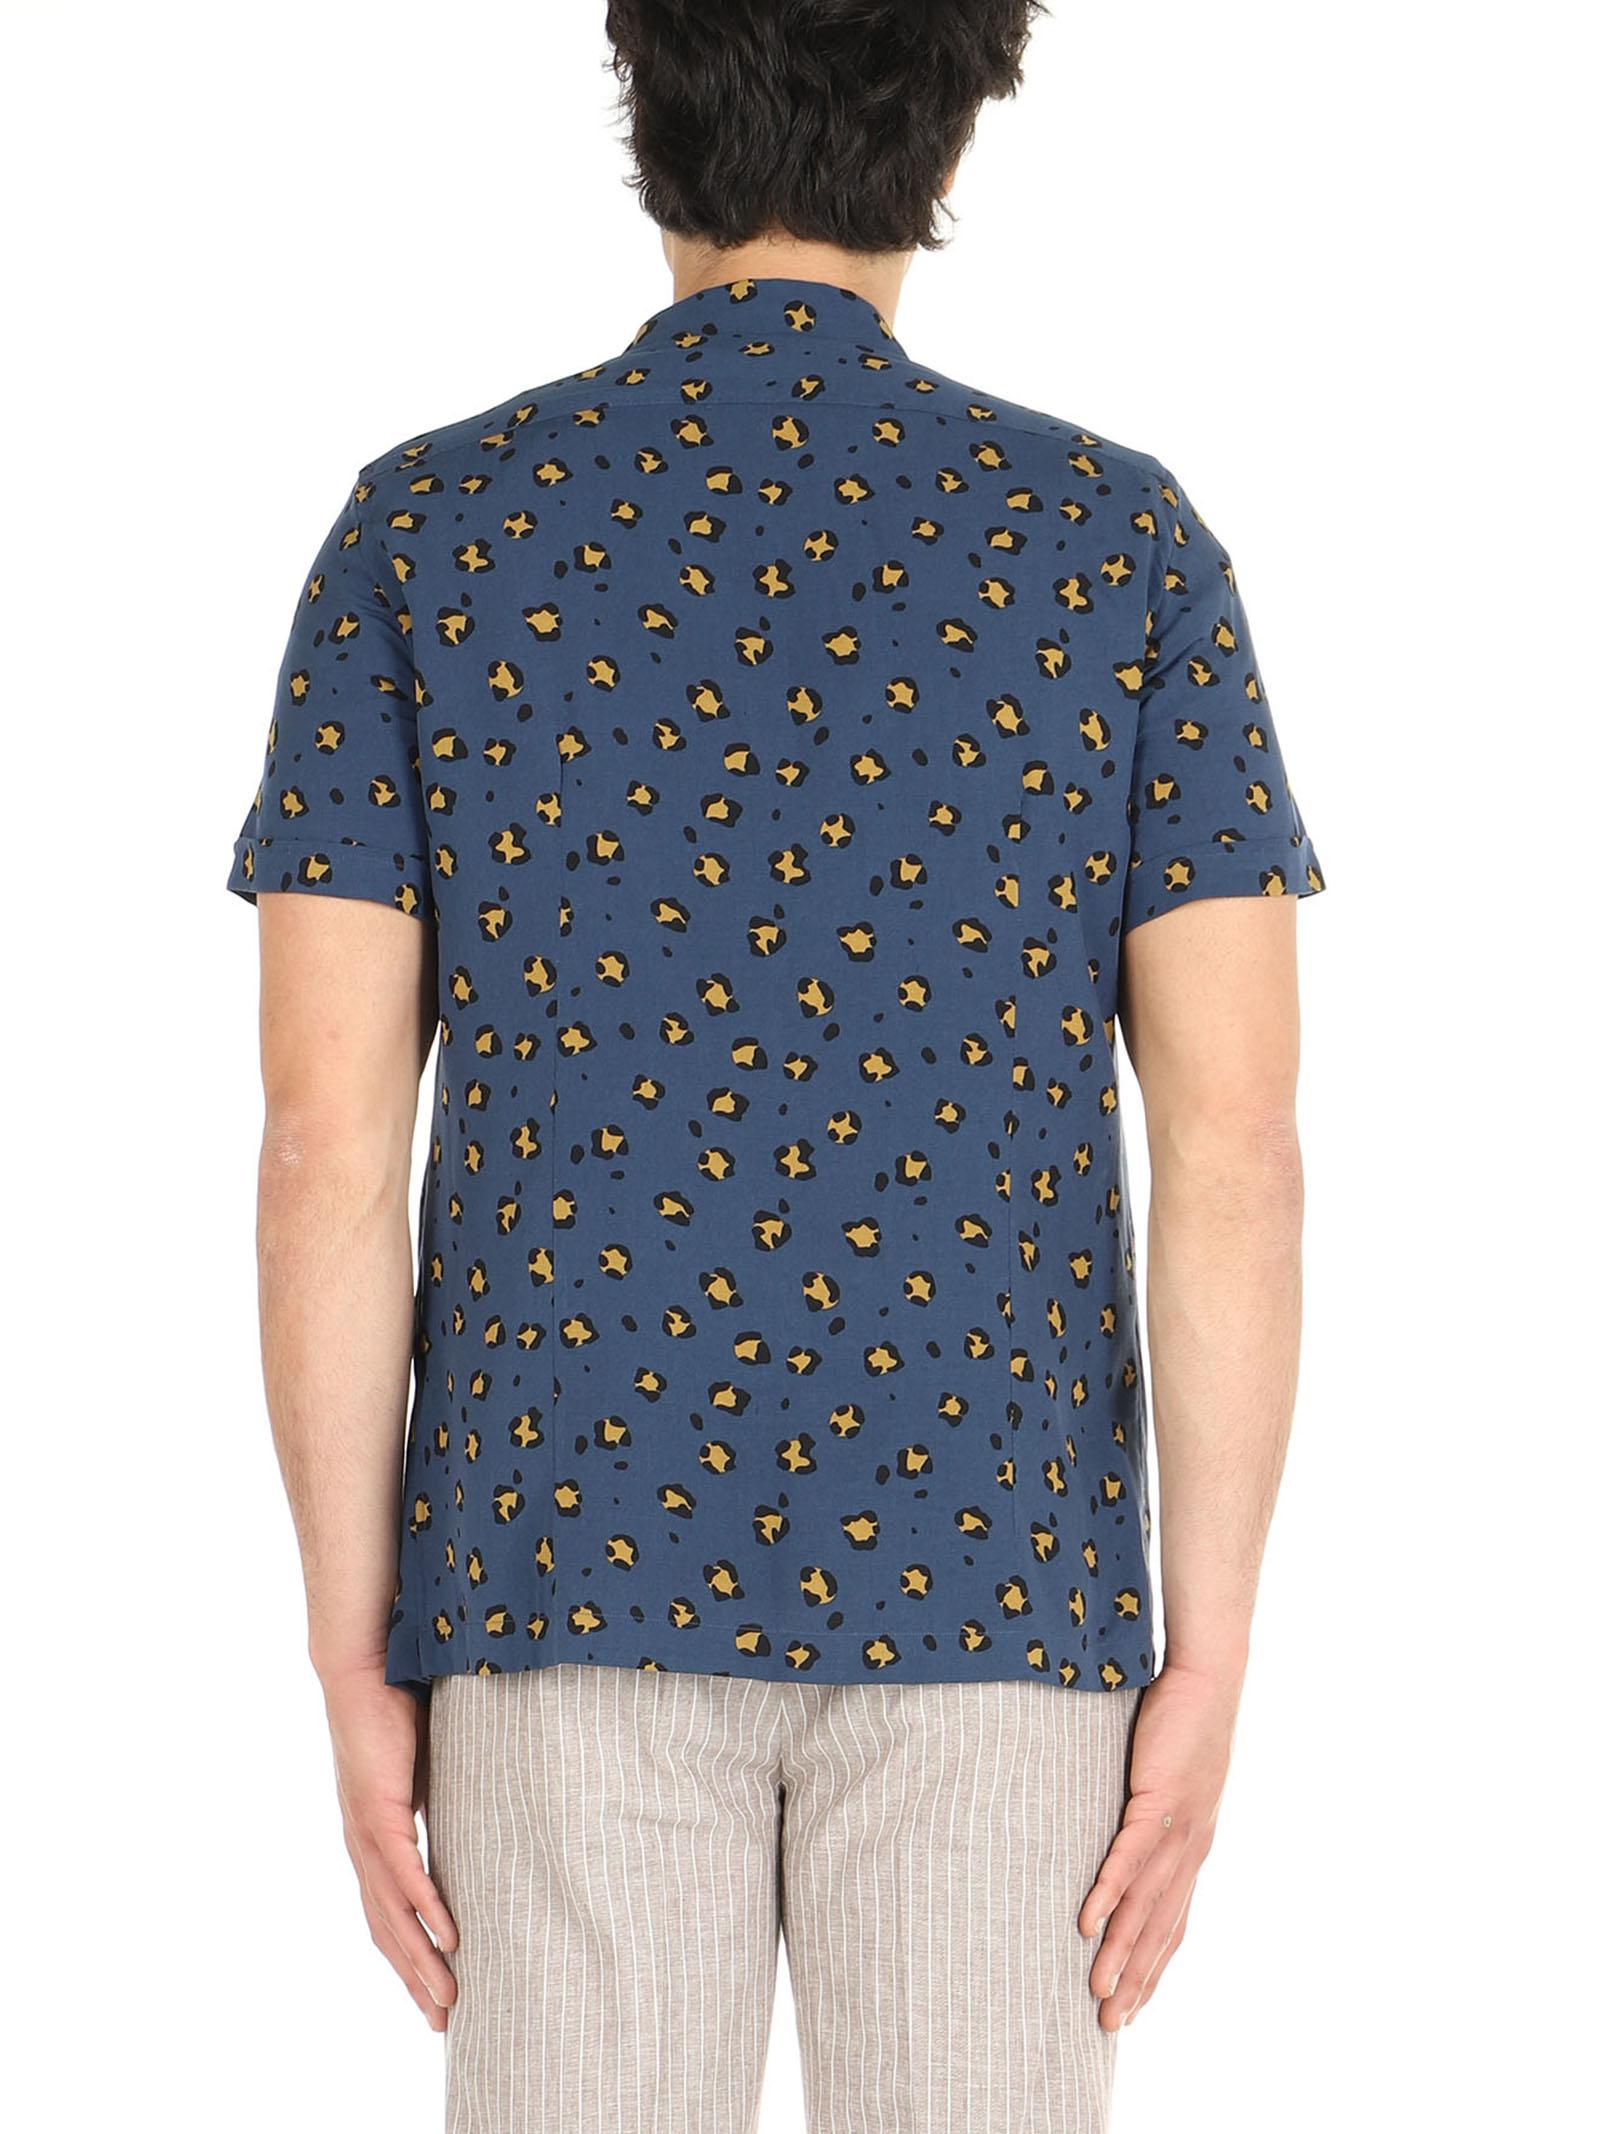 Camicia mezza manica  De Lamp | Camicie  | DL21 082BLU